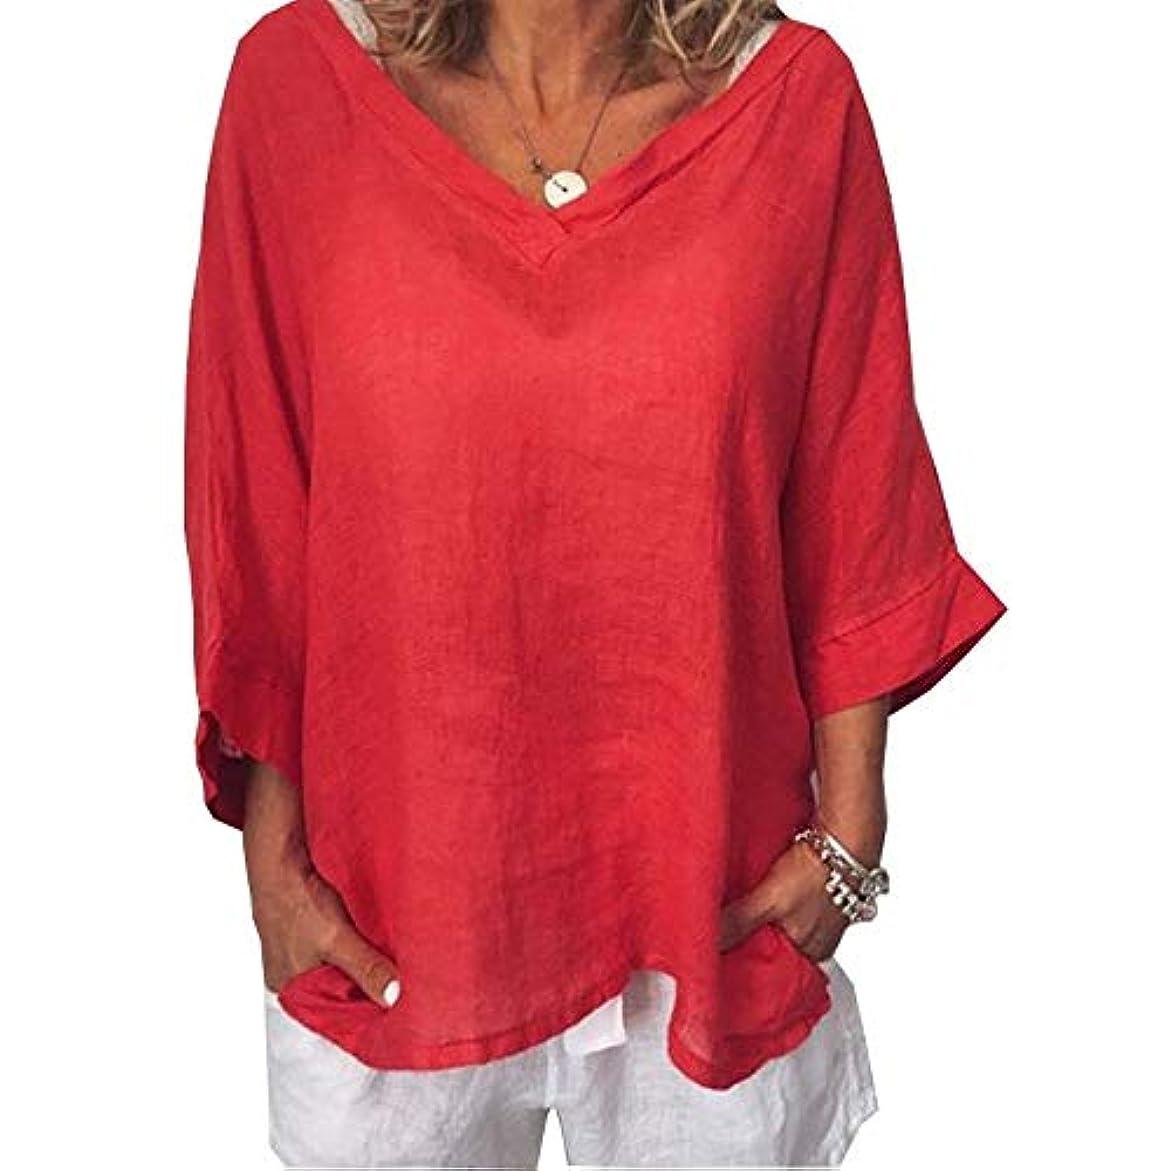 逆に嫌い酸っぱいMIFAN女性ファッションカジュアルVネックトップス無地長袖Tシャツルーズボヘミアンビーチウェア